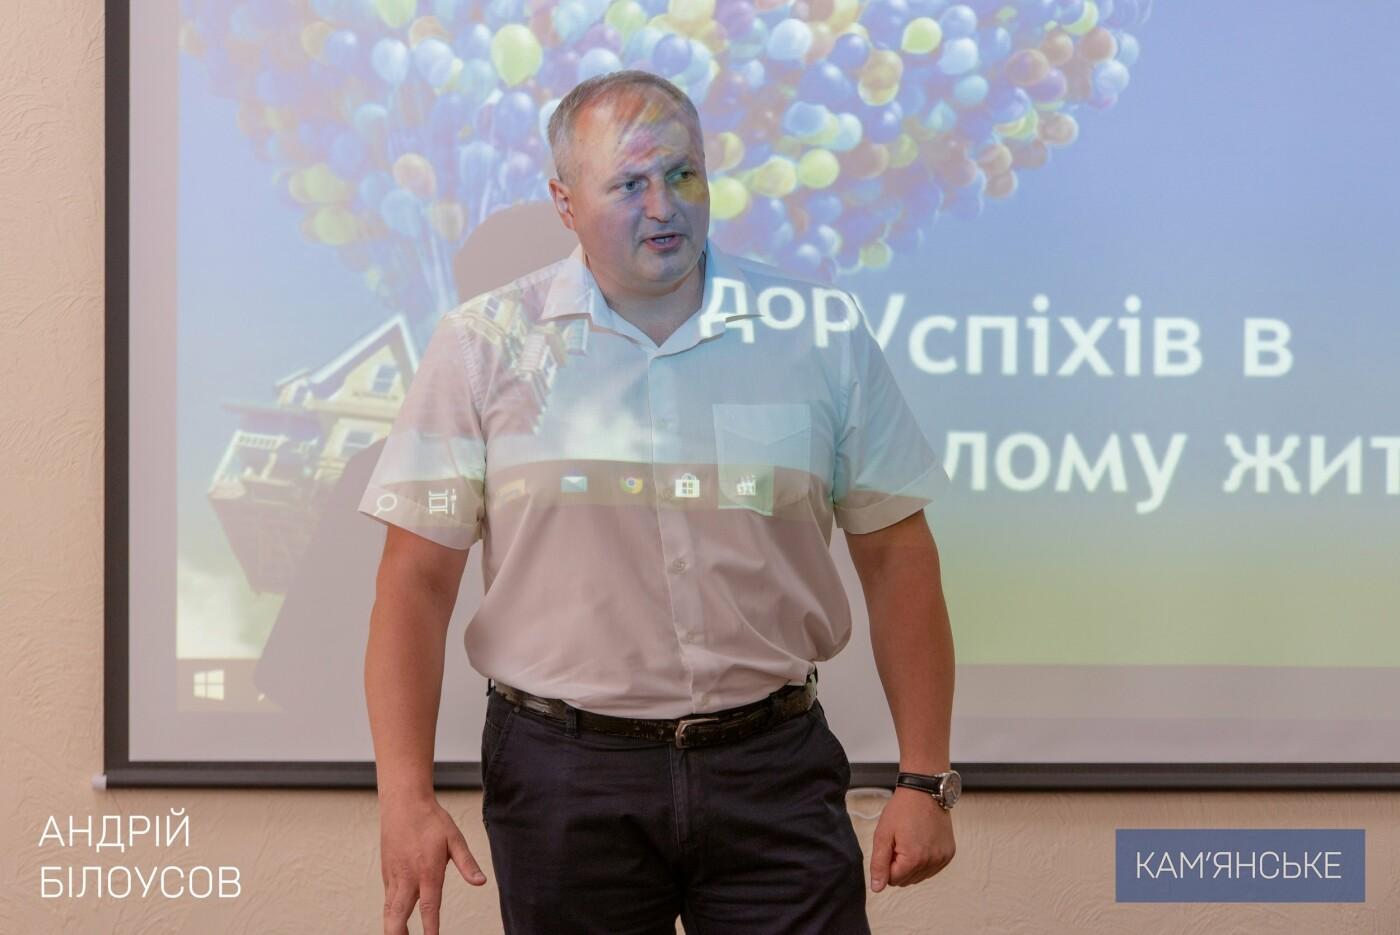 Выпускникам ДЮСШ №4 вручили свидетельства об окончании спортшколы, фото-3